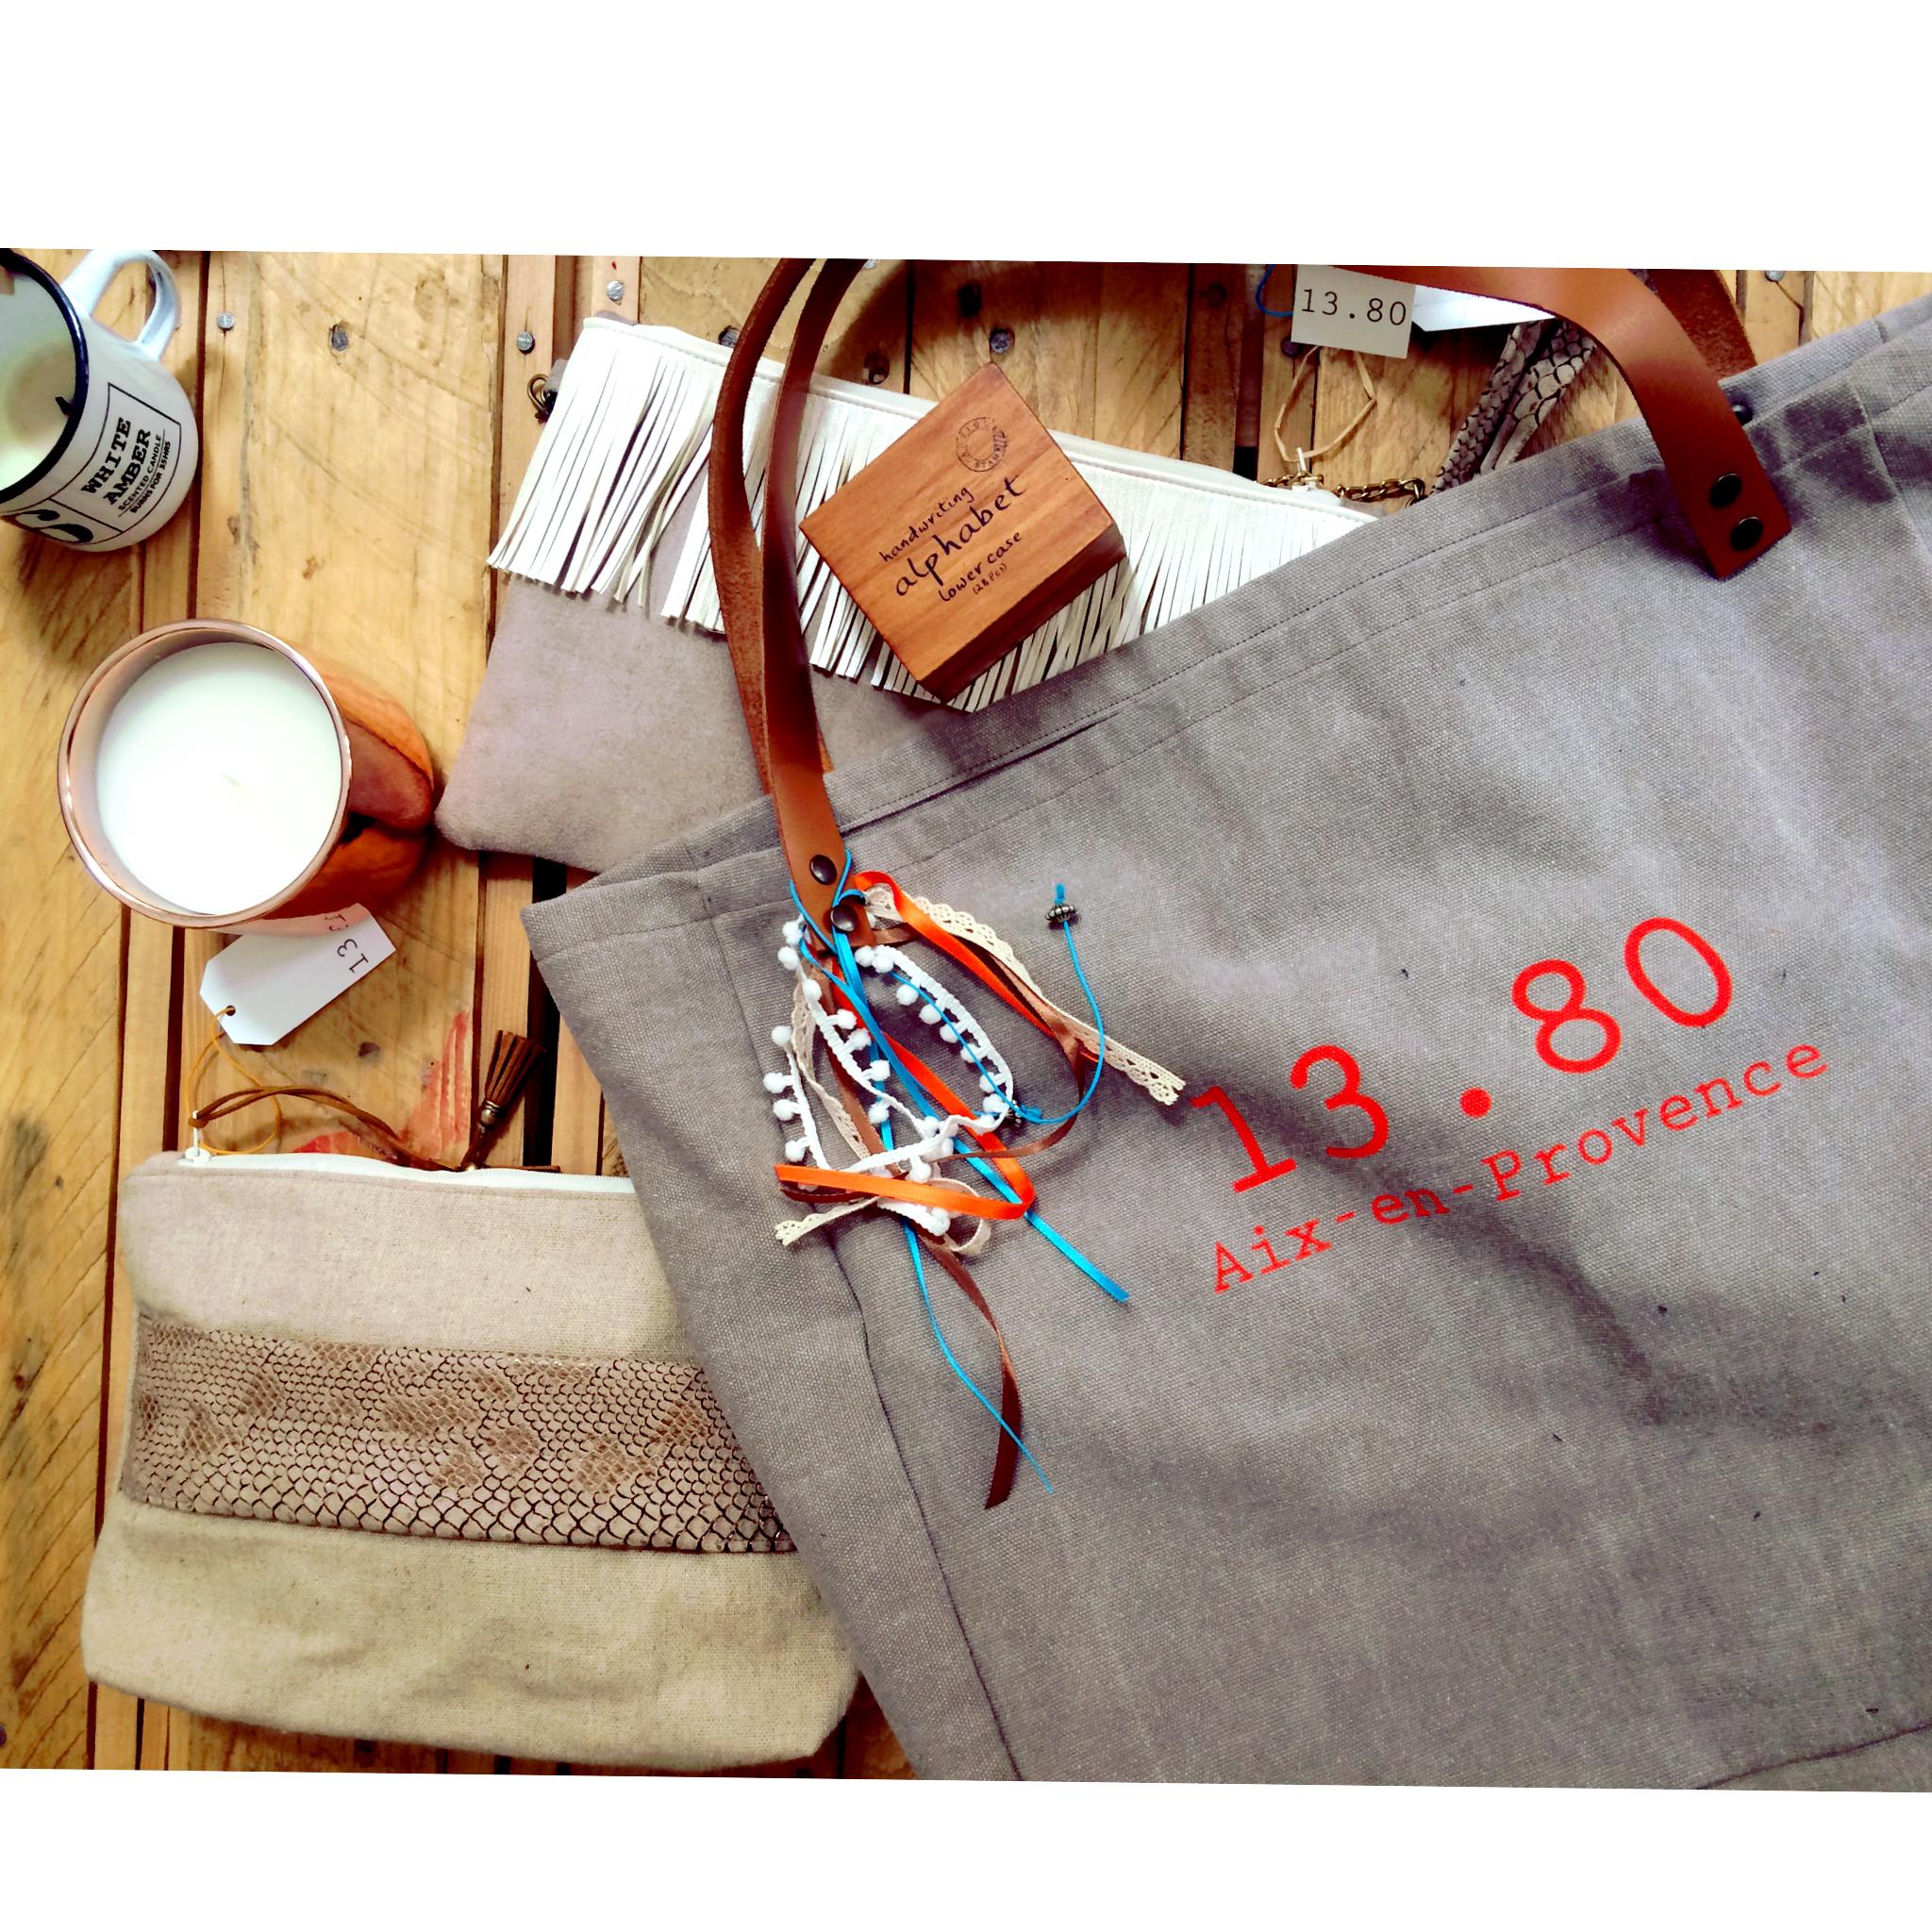 1380 sacs de créatrice aixoises